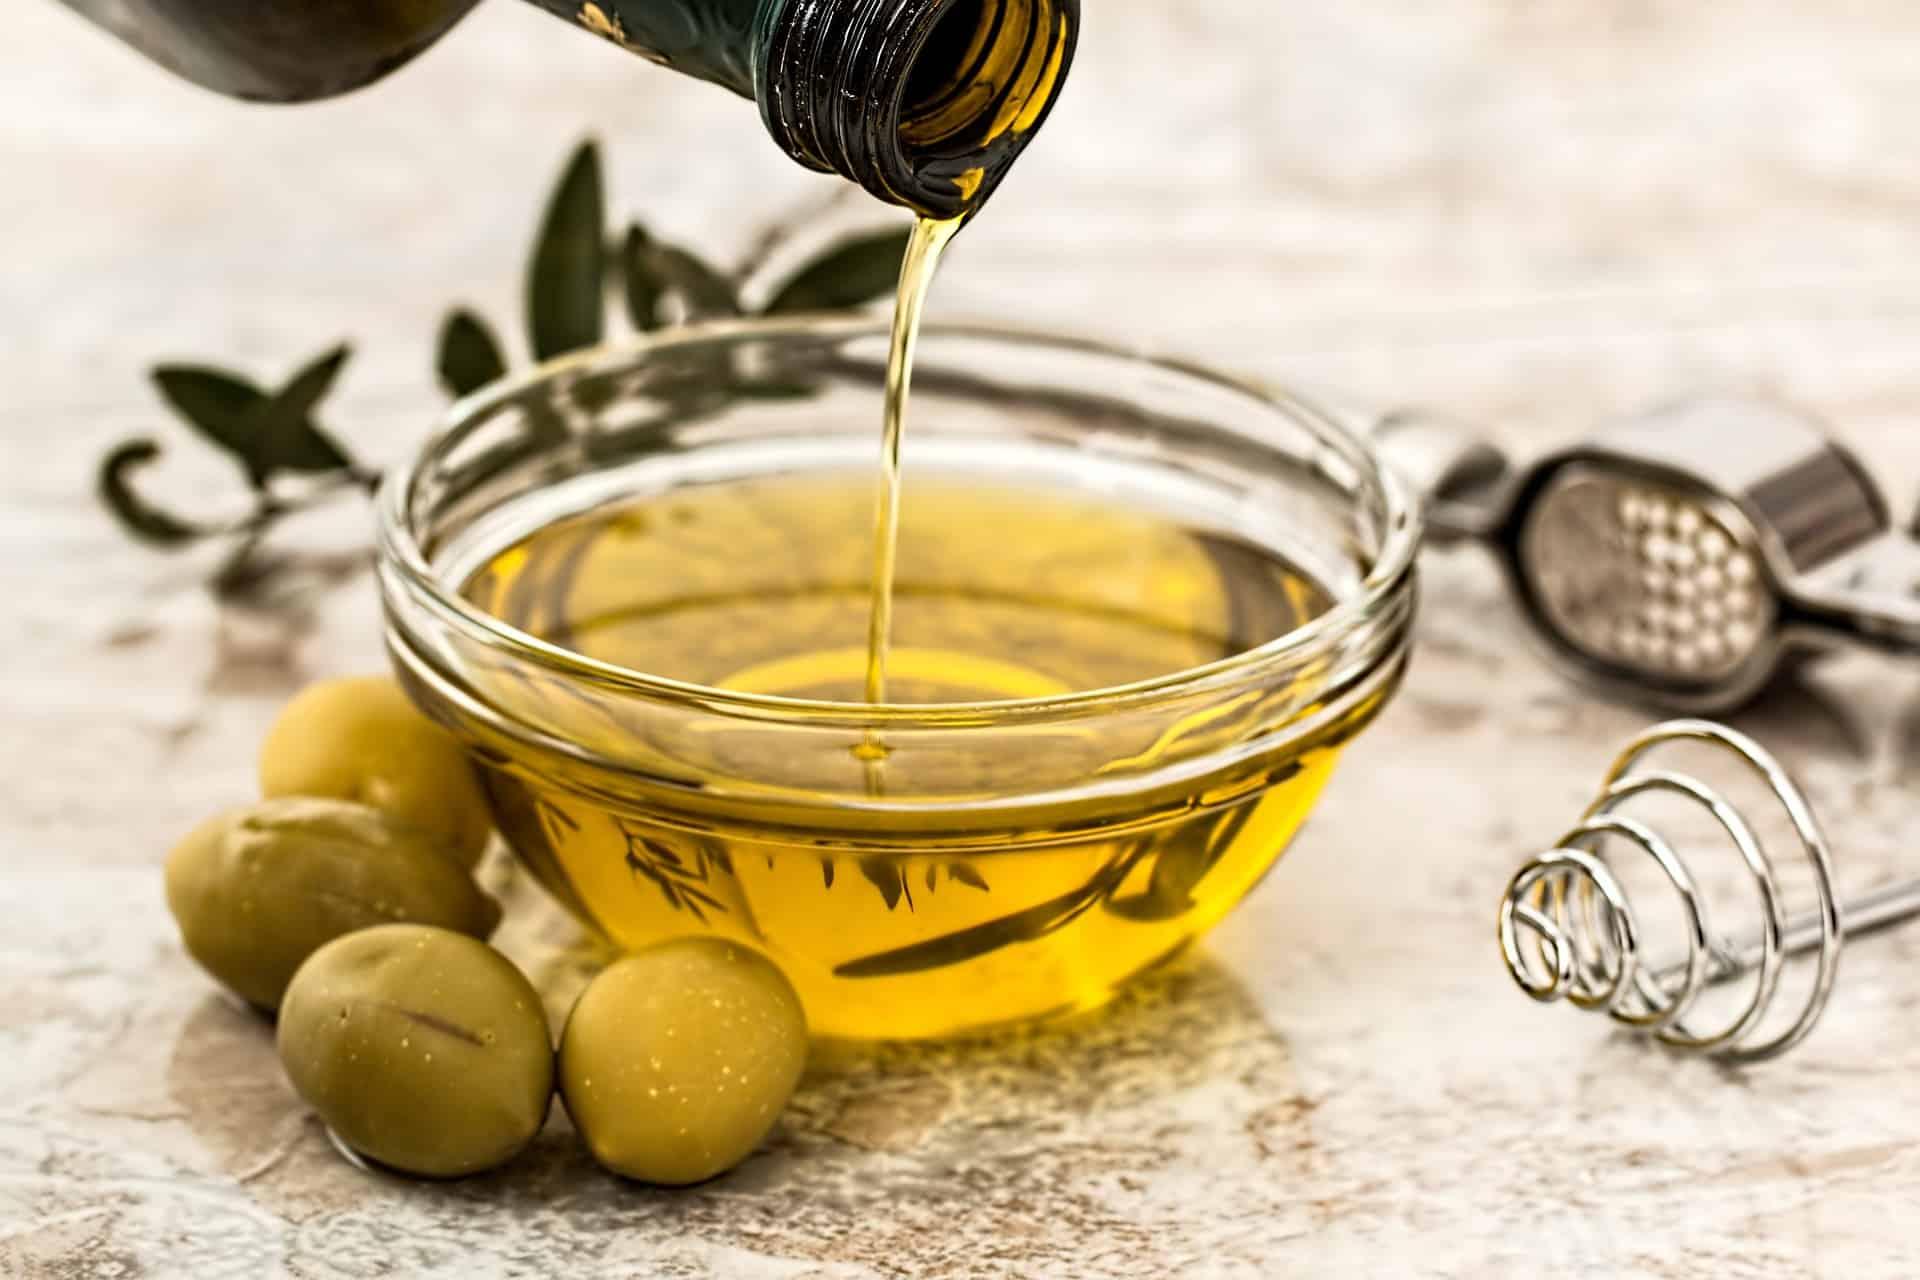 Olivenöl: Test & Empfehlungen (01/20)